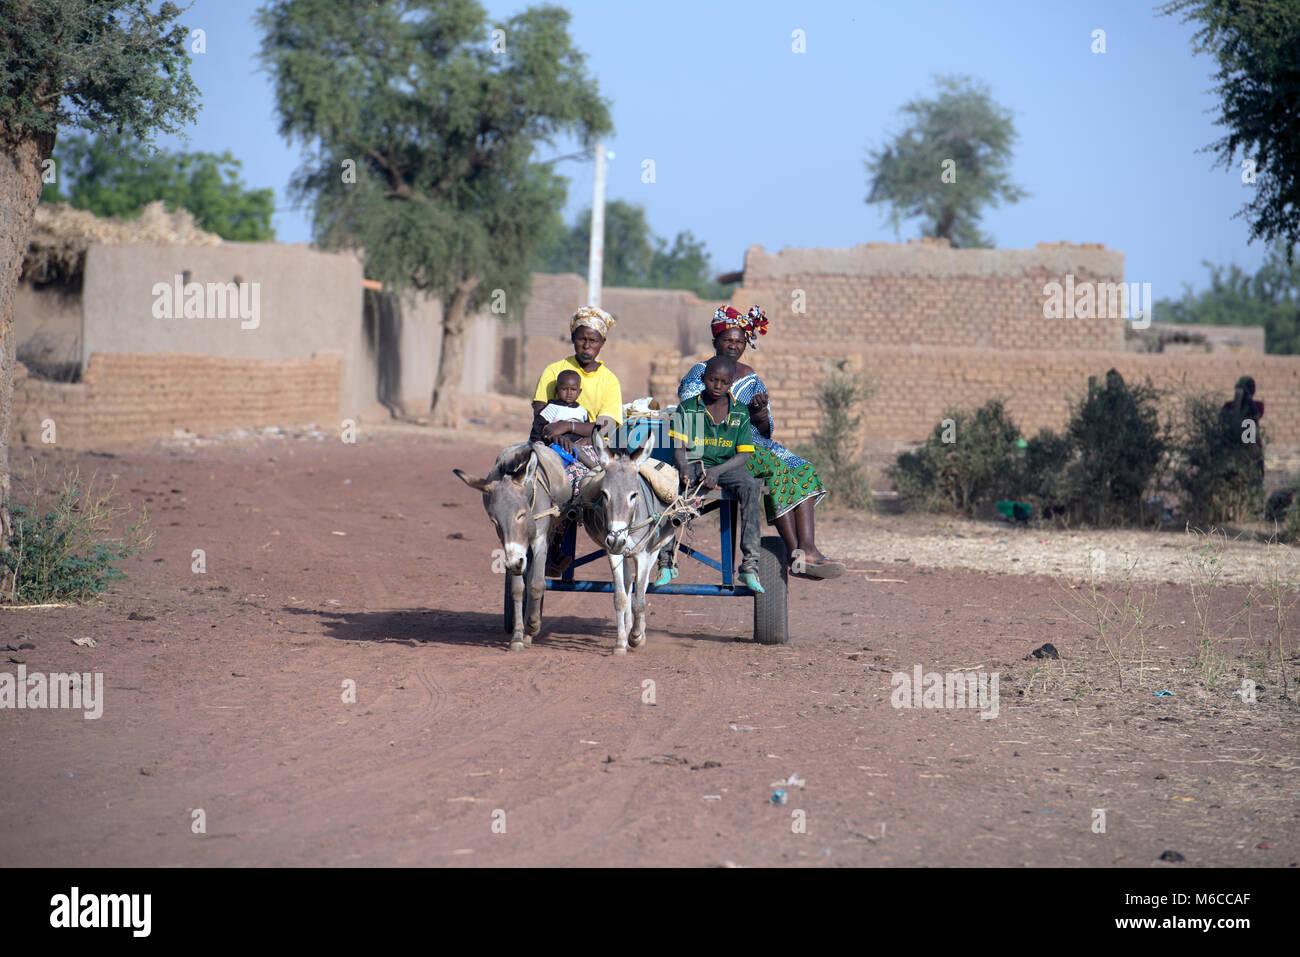 Indigenous, ethnic Fulani women and children travelling on a donkey cart. Mali, West Africa. - Stock Image